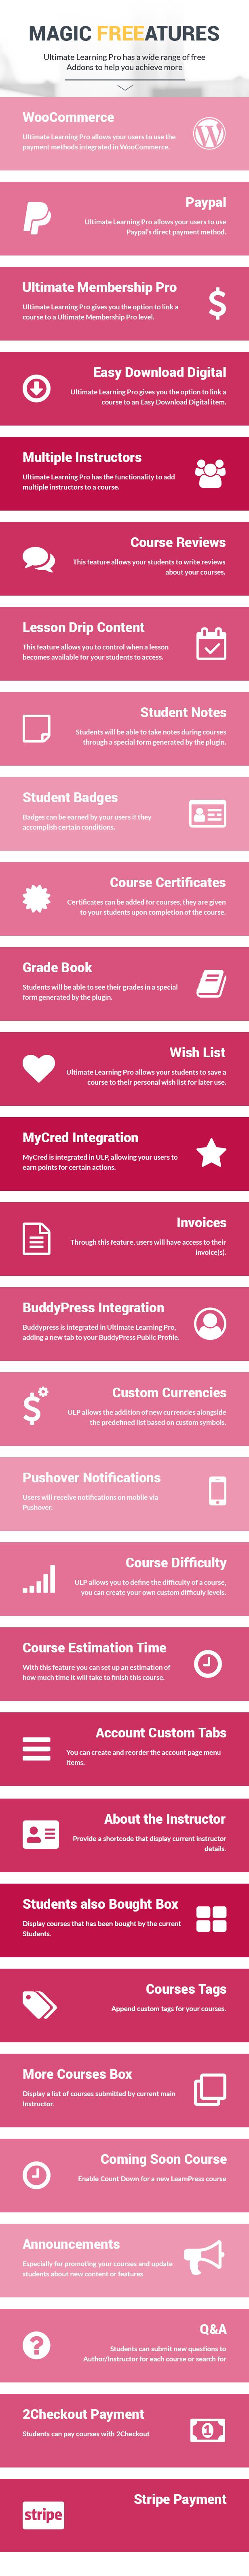 Ultimate Learning Pro WordPress Plugin - 15